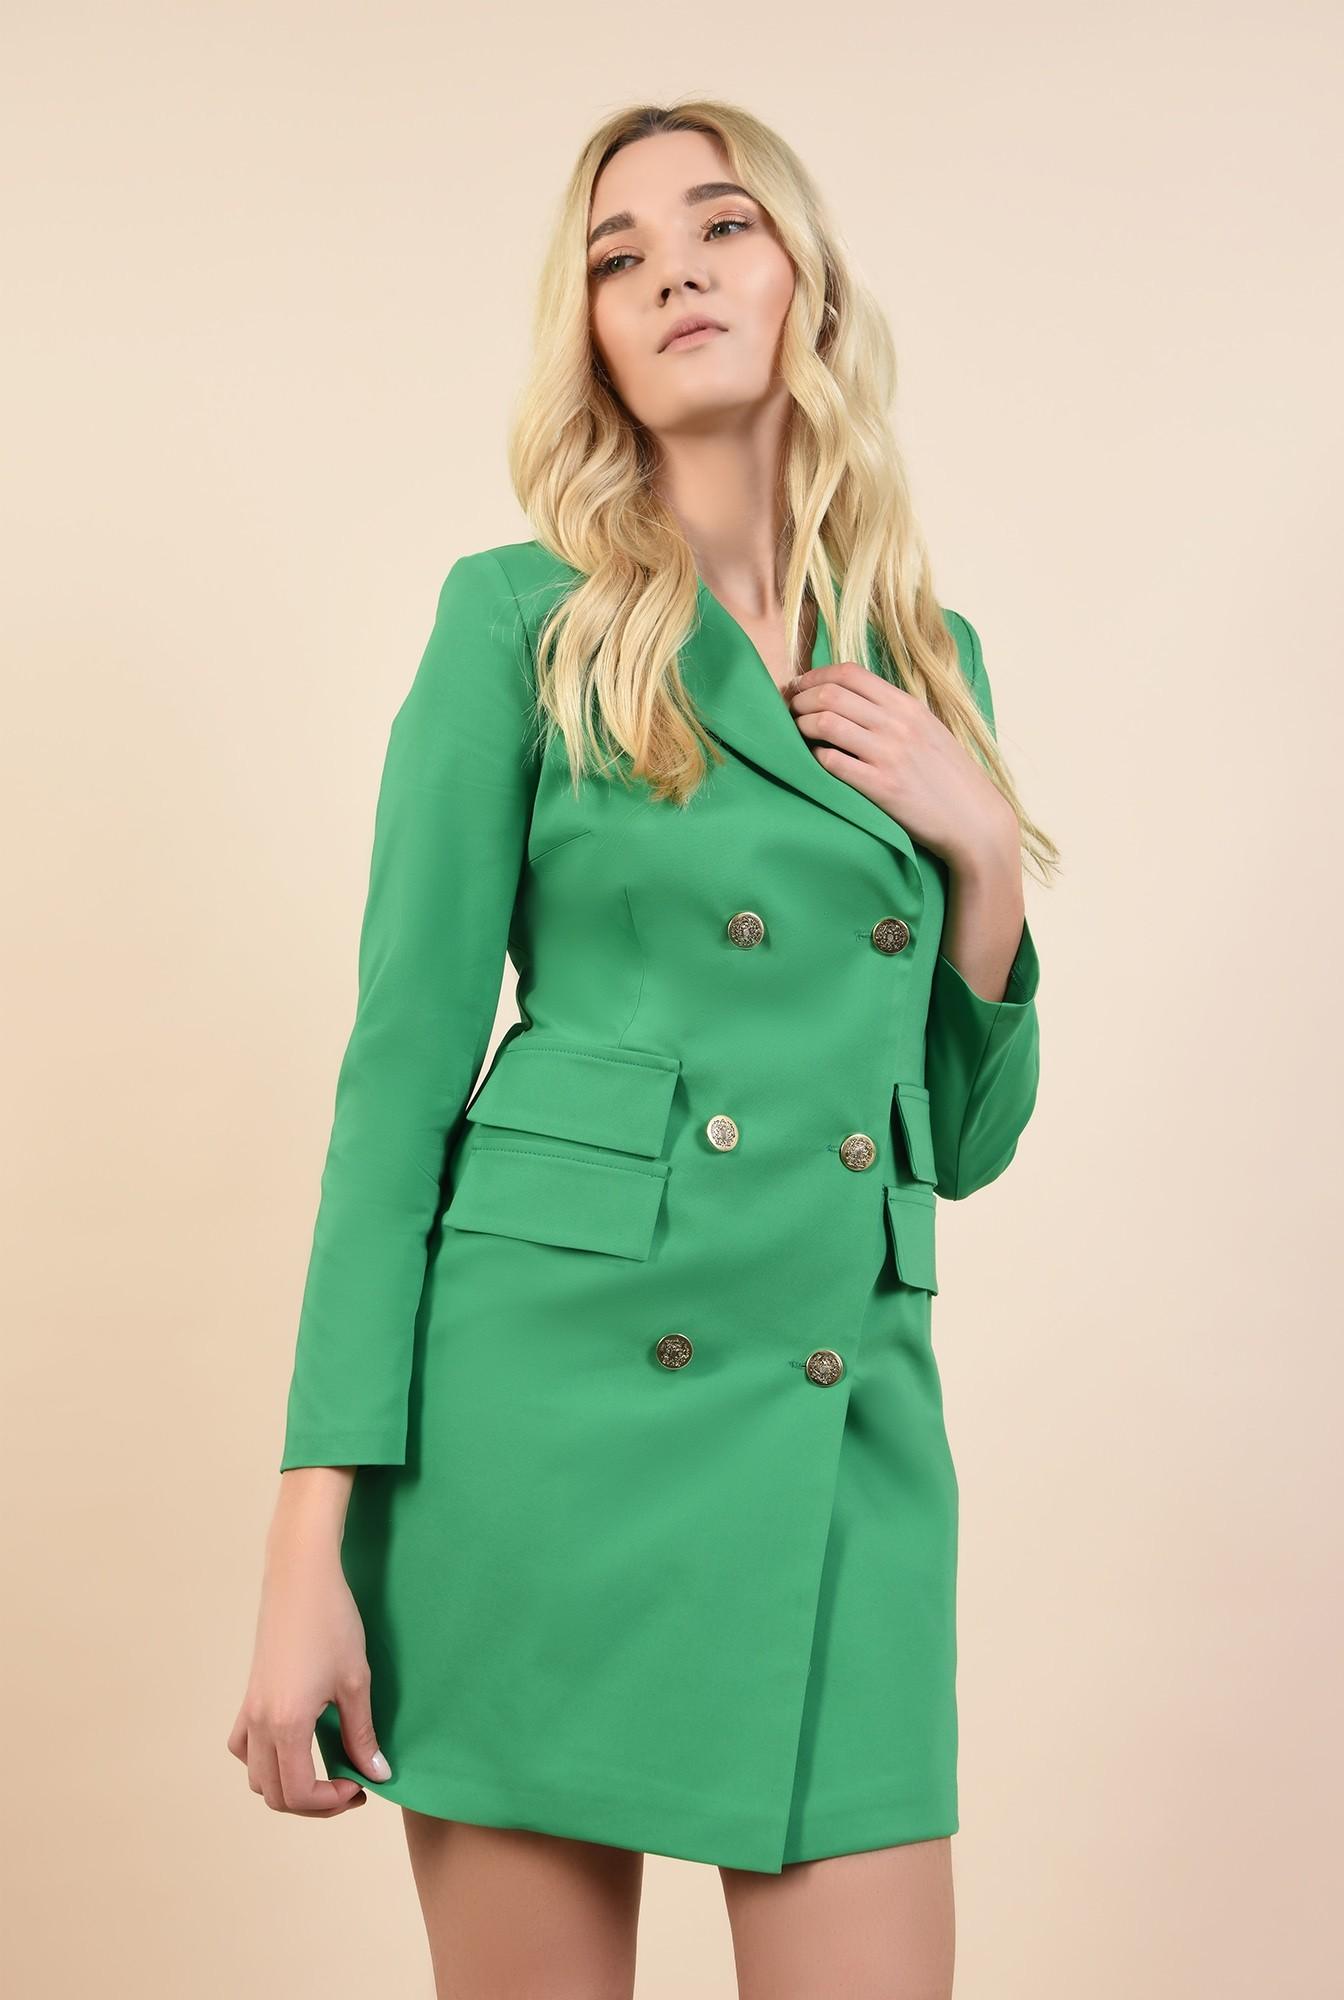 2 - rochie sacou, verde, cu nasturi metalici, scurta, croi cambrat